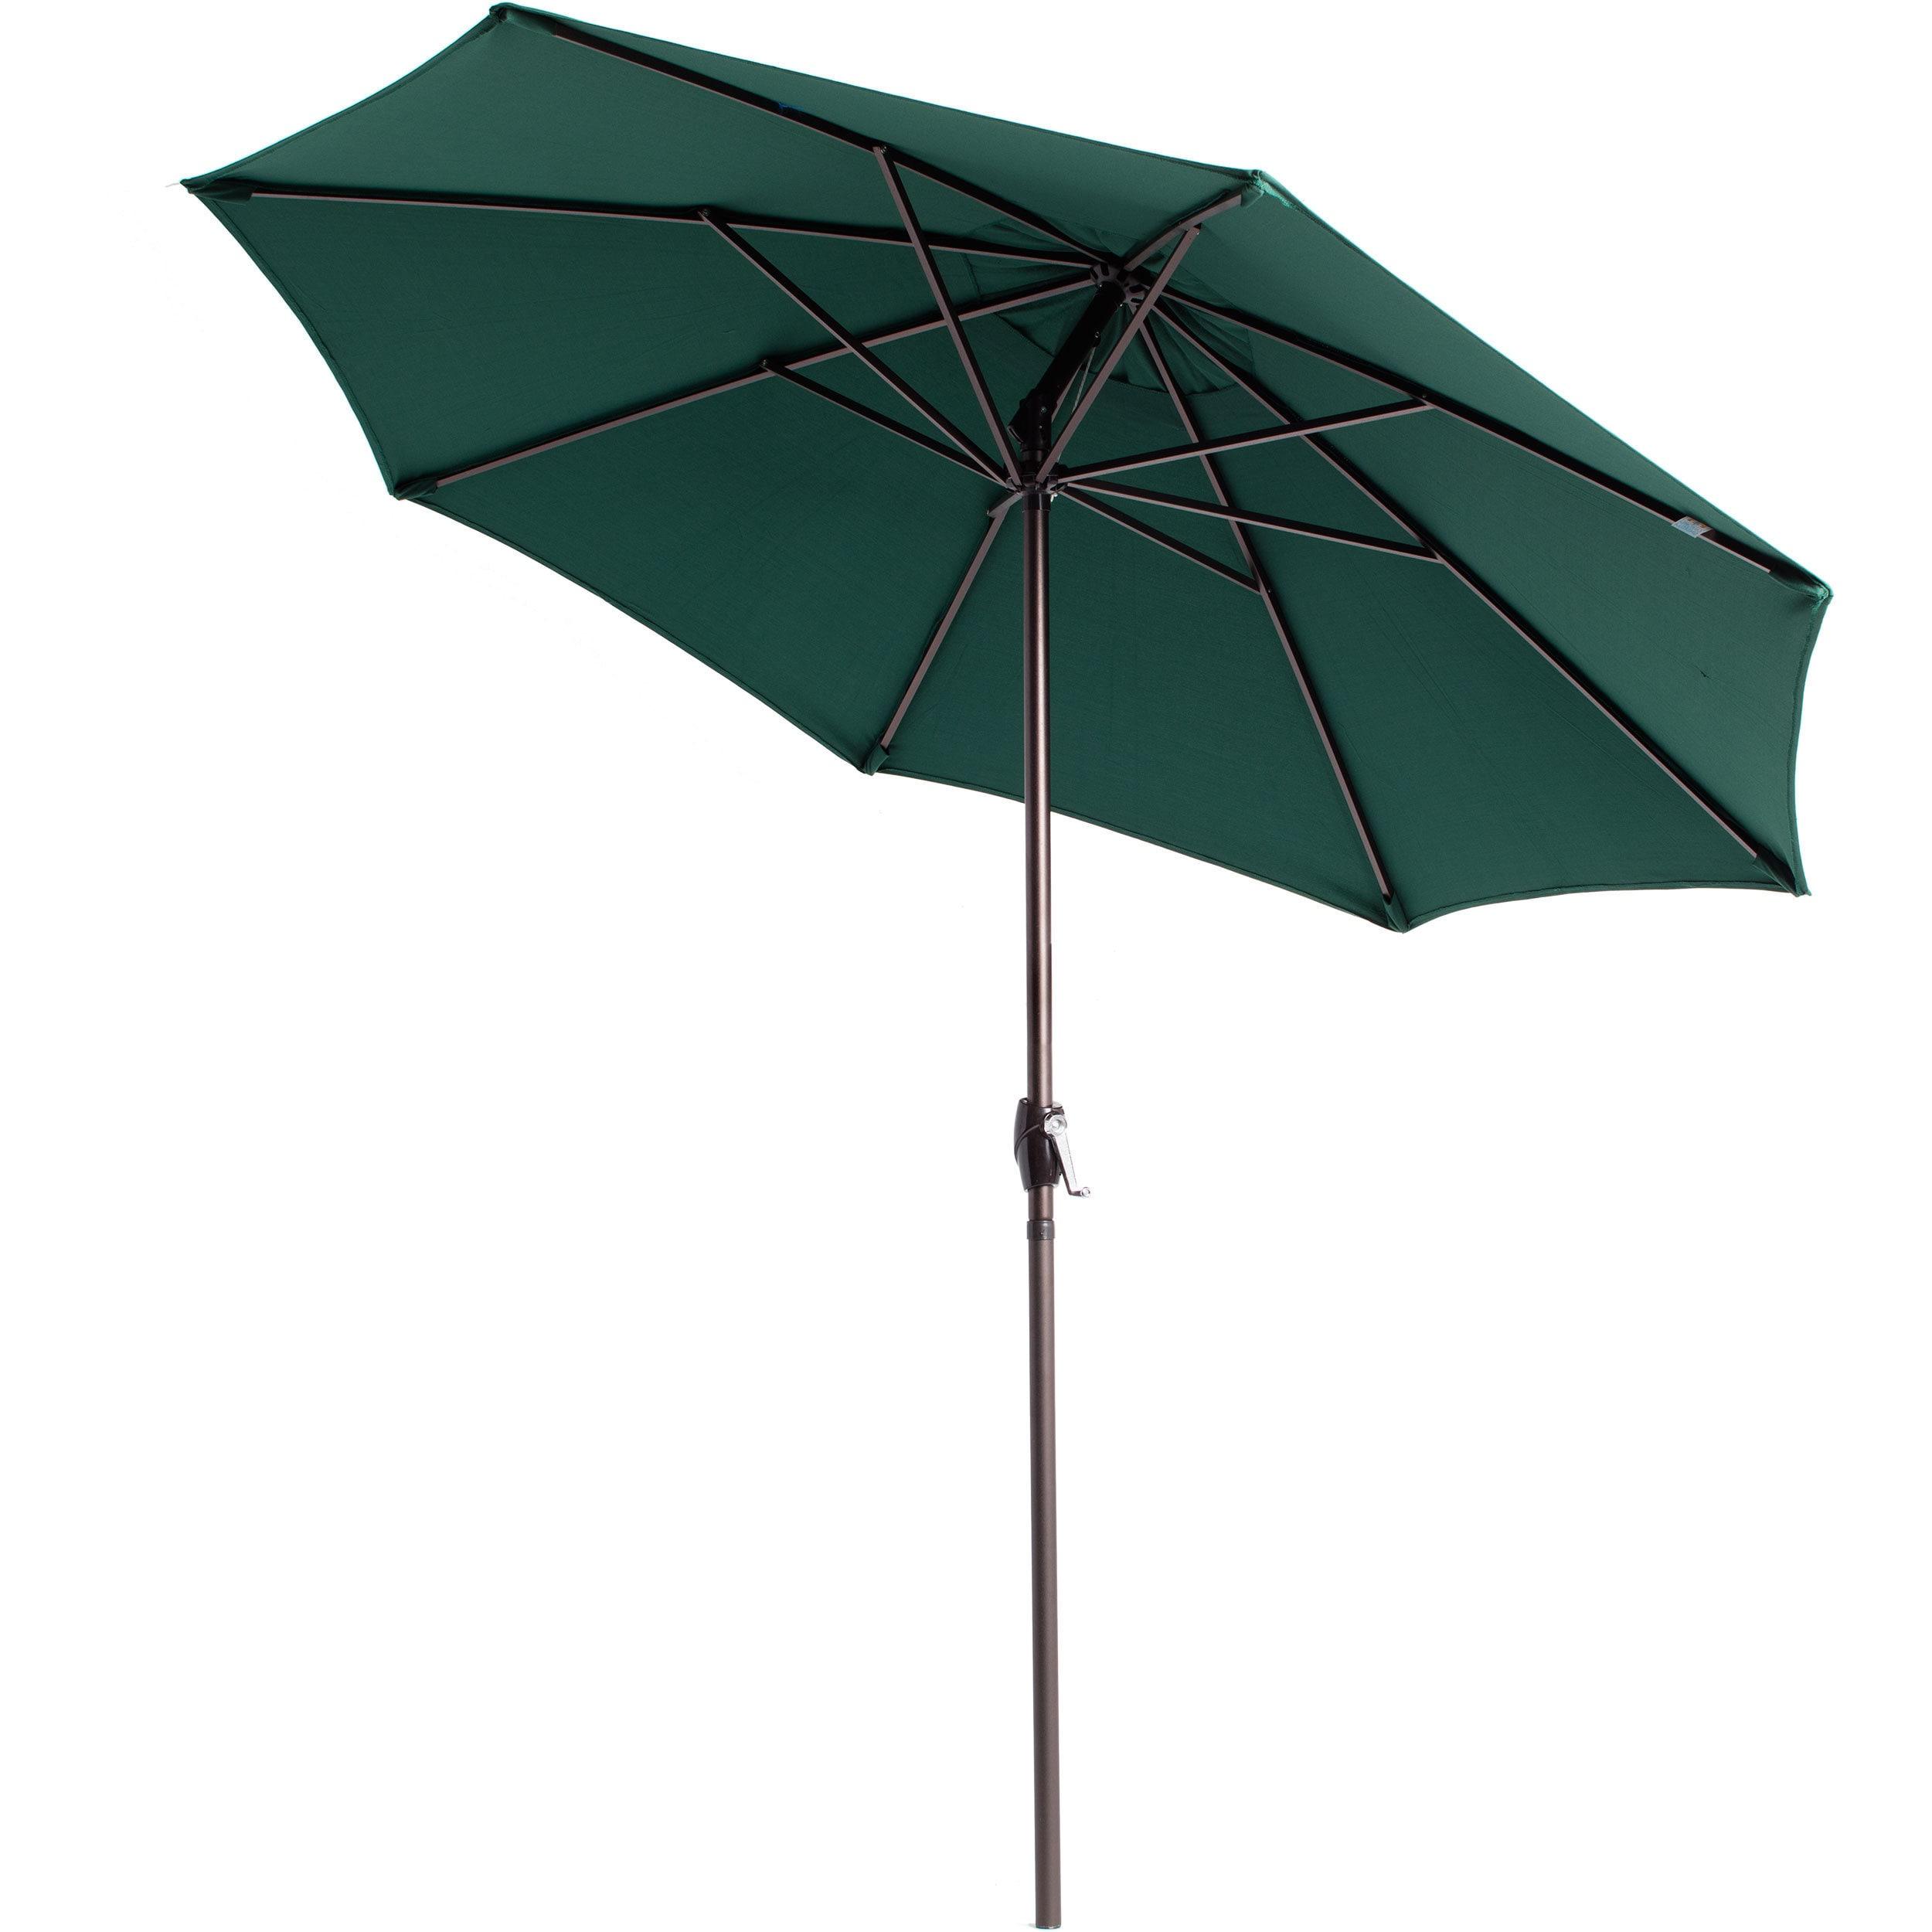 Lauren & pany Premium Olefin 9 foot Aluminum Patio Umbrella